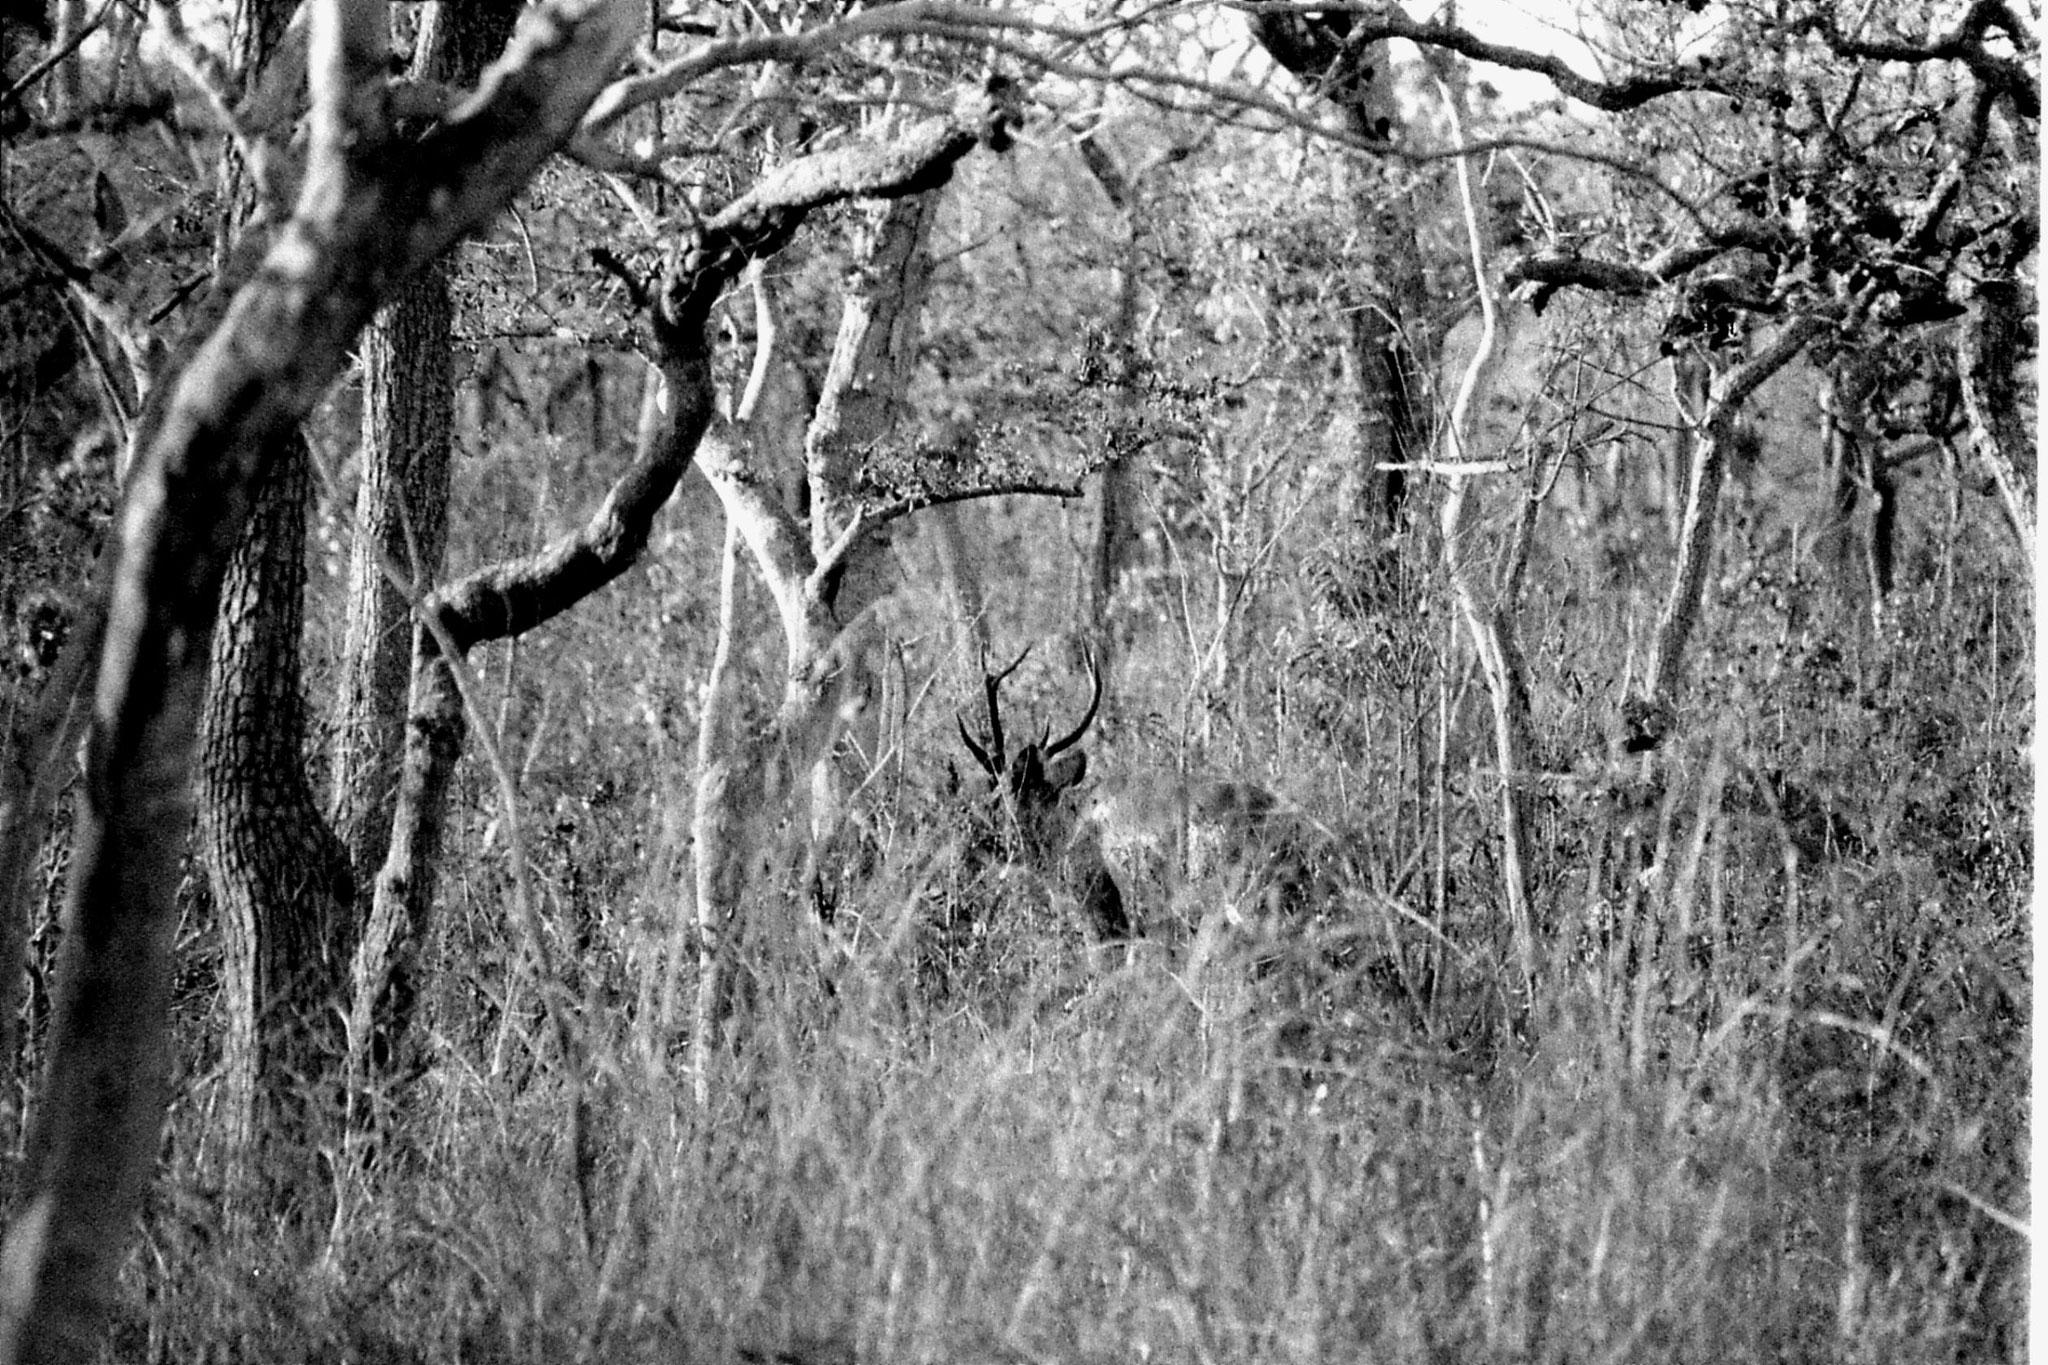 27/2/90:10: Bandipur sambur